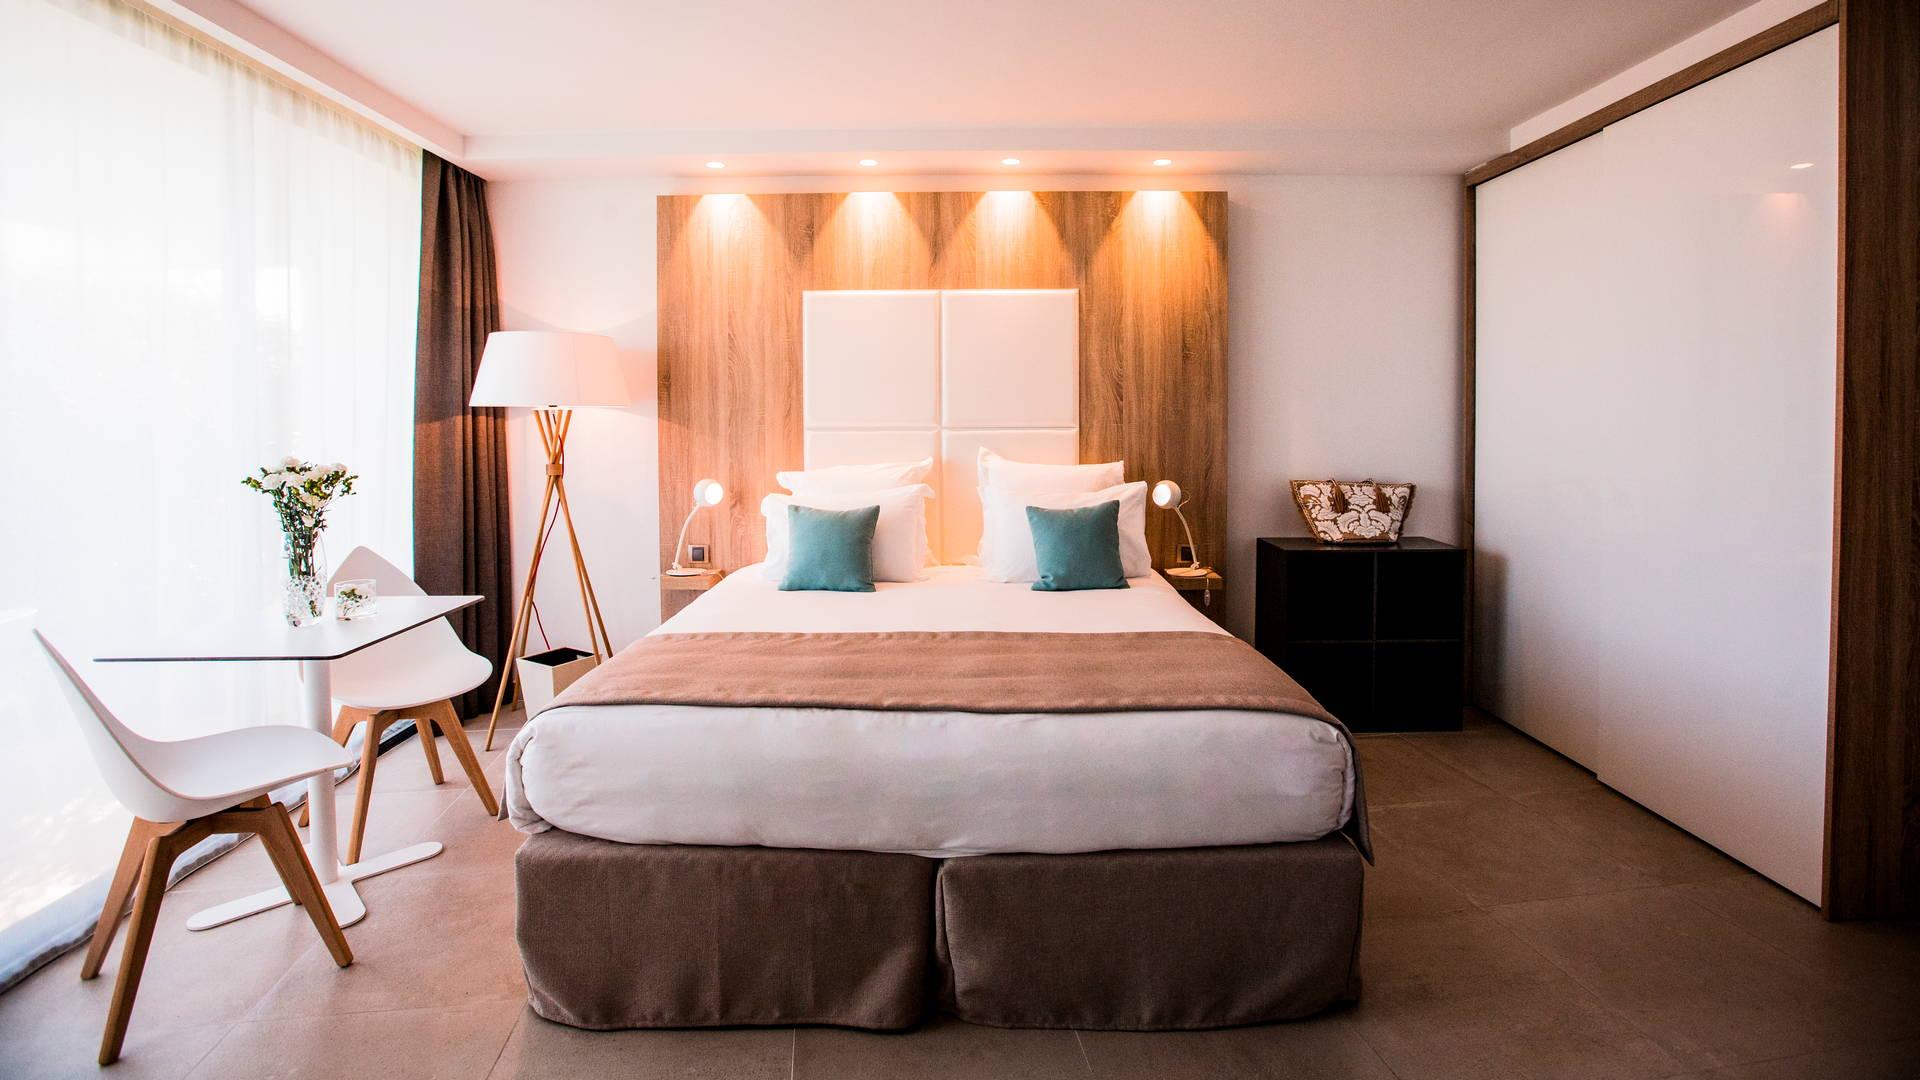 Chambre Classique Famille situé au rez-de-chaussé et adaptée aux personnes à mobilité réduite, Hôtel piscine bord de mer, Hôtel La Plage.